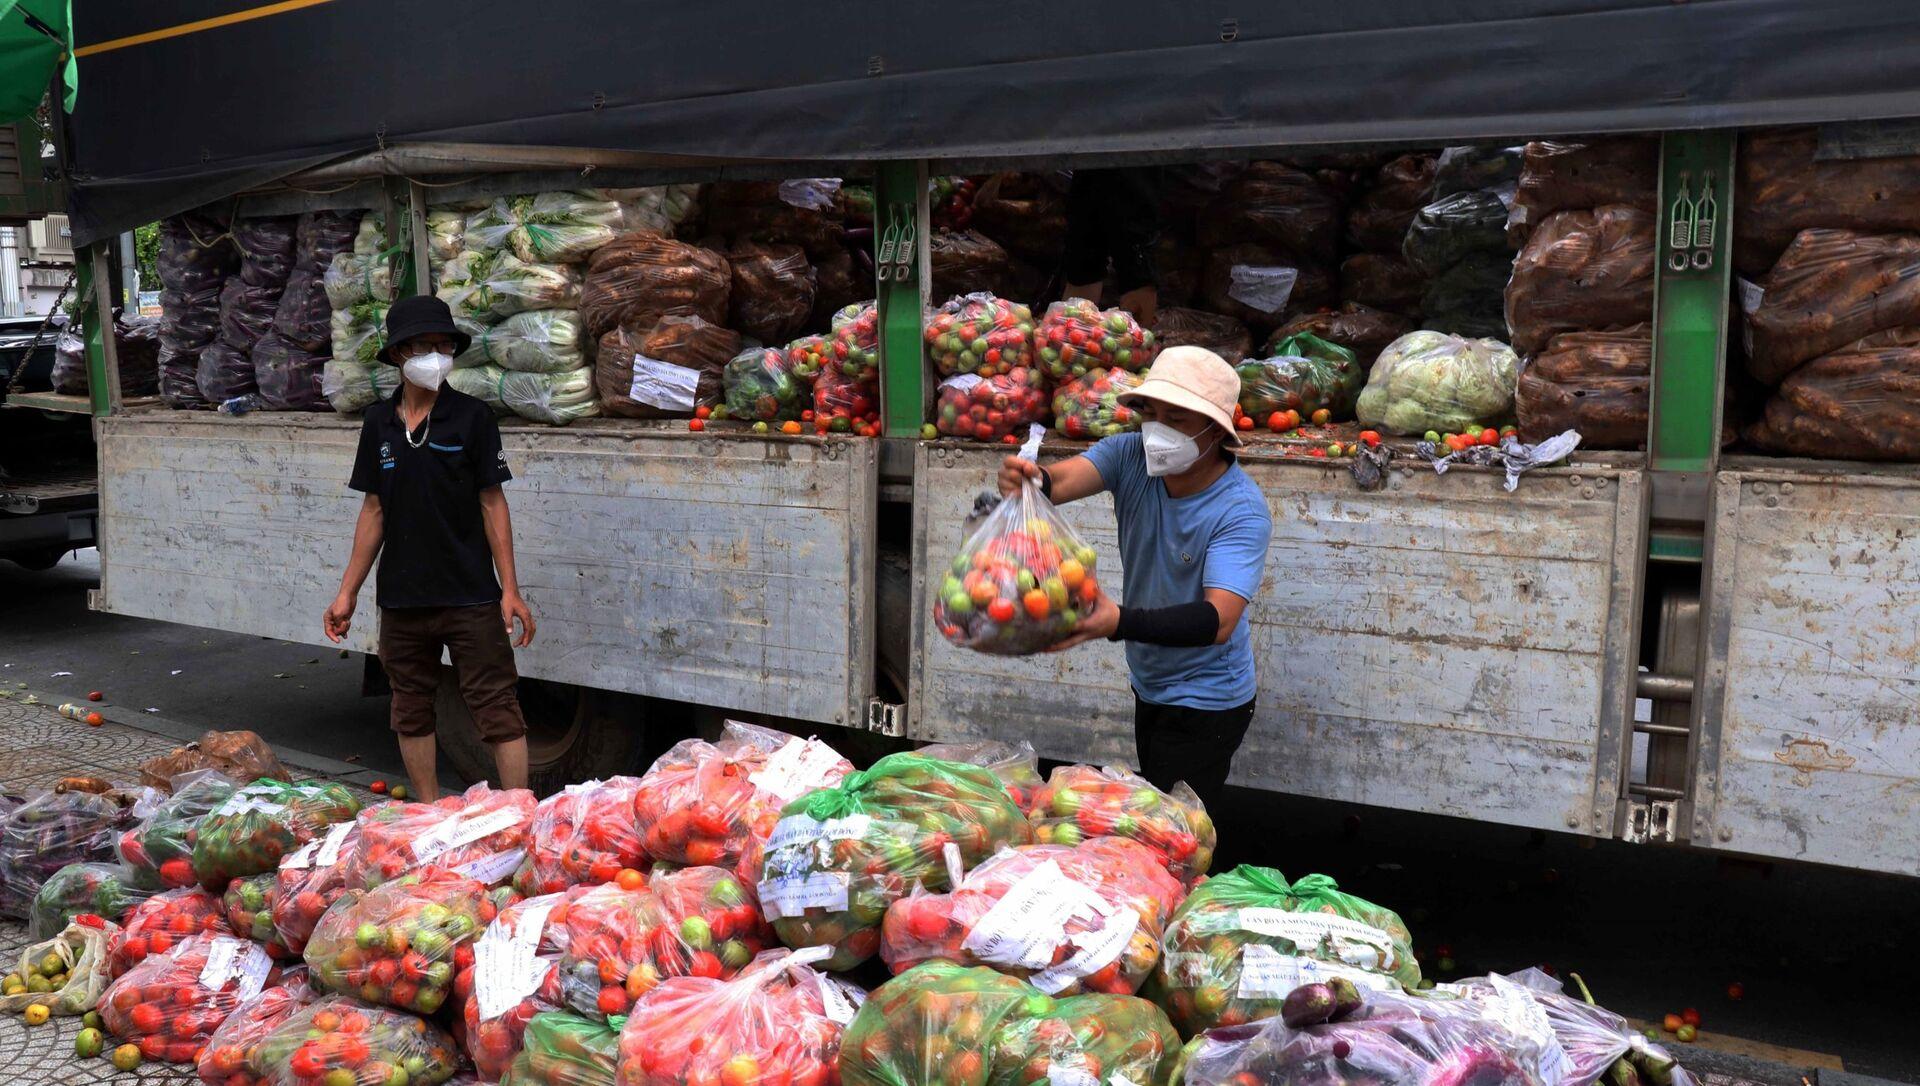 Từ nay đến 15/9, mỗi ngày tỉnh Lâm Đồng sẽ chuyển cho Thành phố Hồ Chí Minh 200 tấn rau, củ, quả để hỗ trợ lực lượng tuyến đầu và người dân trong đợt dịch - Sputnik Việt Nam, 1920, 29.08.2021